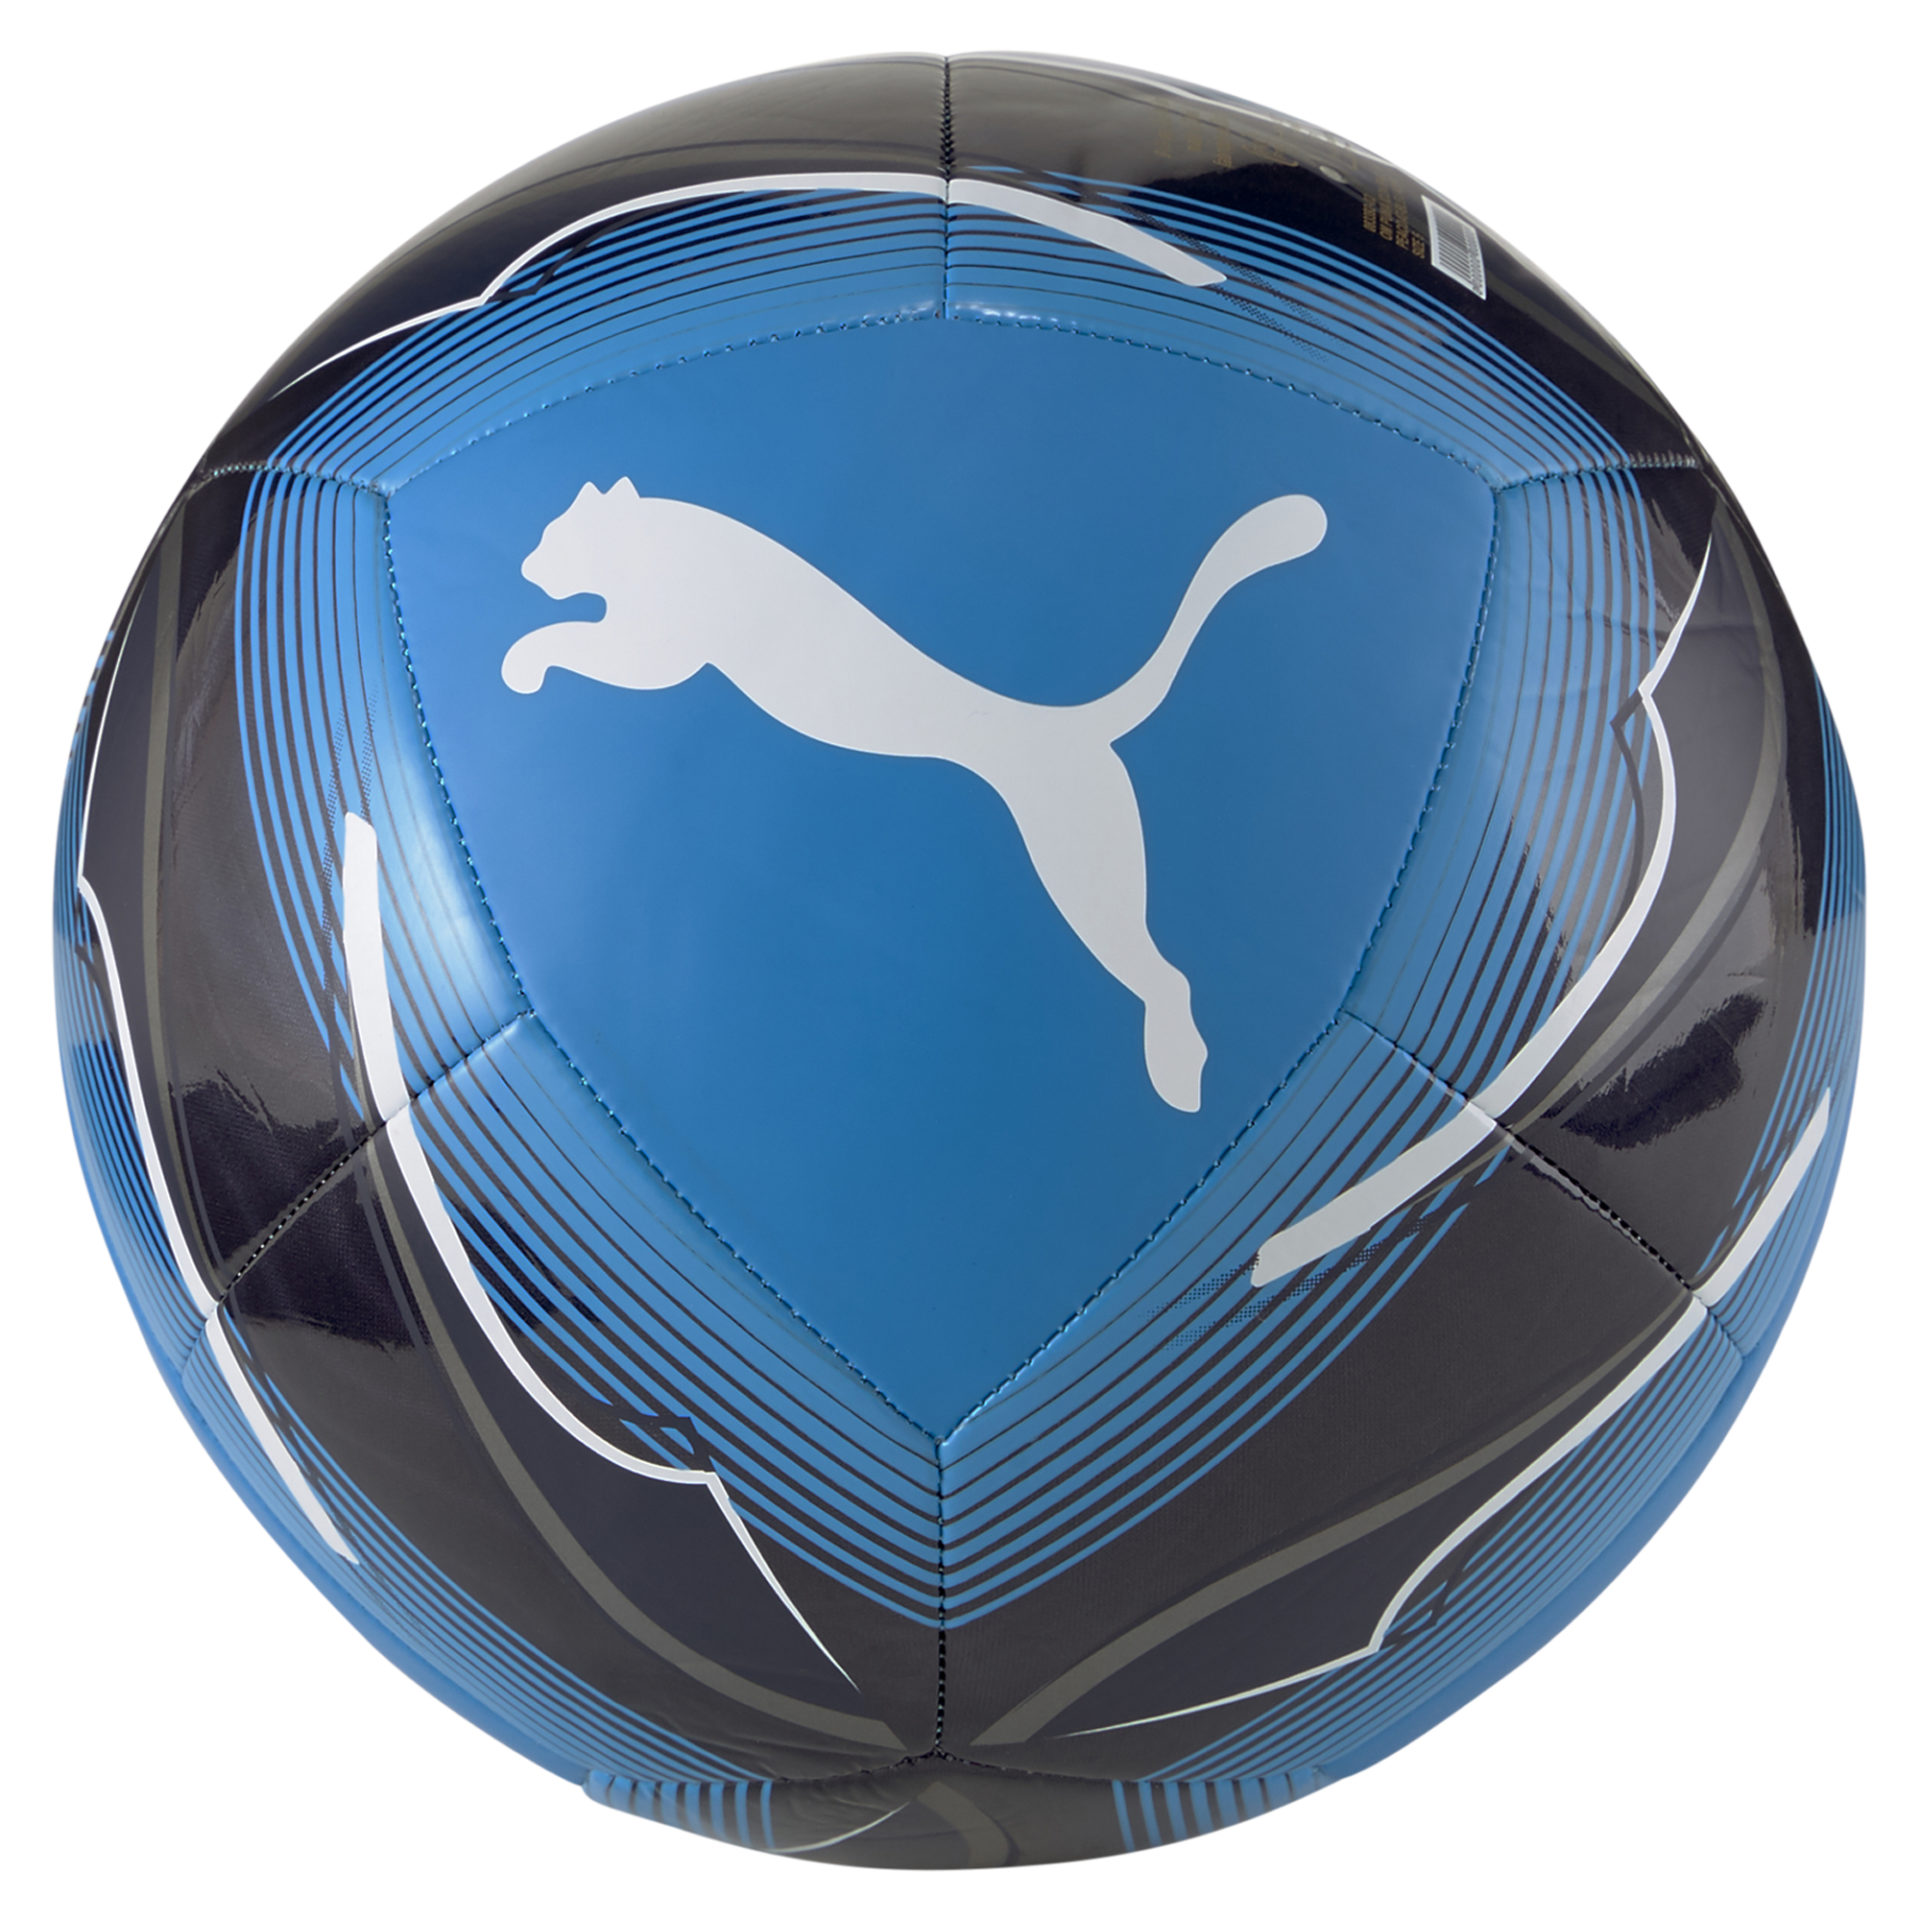 Ballon de Foot Puma Olympique de Marseille Icon Peacot